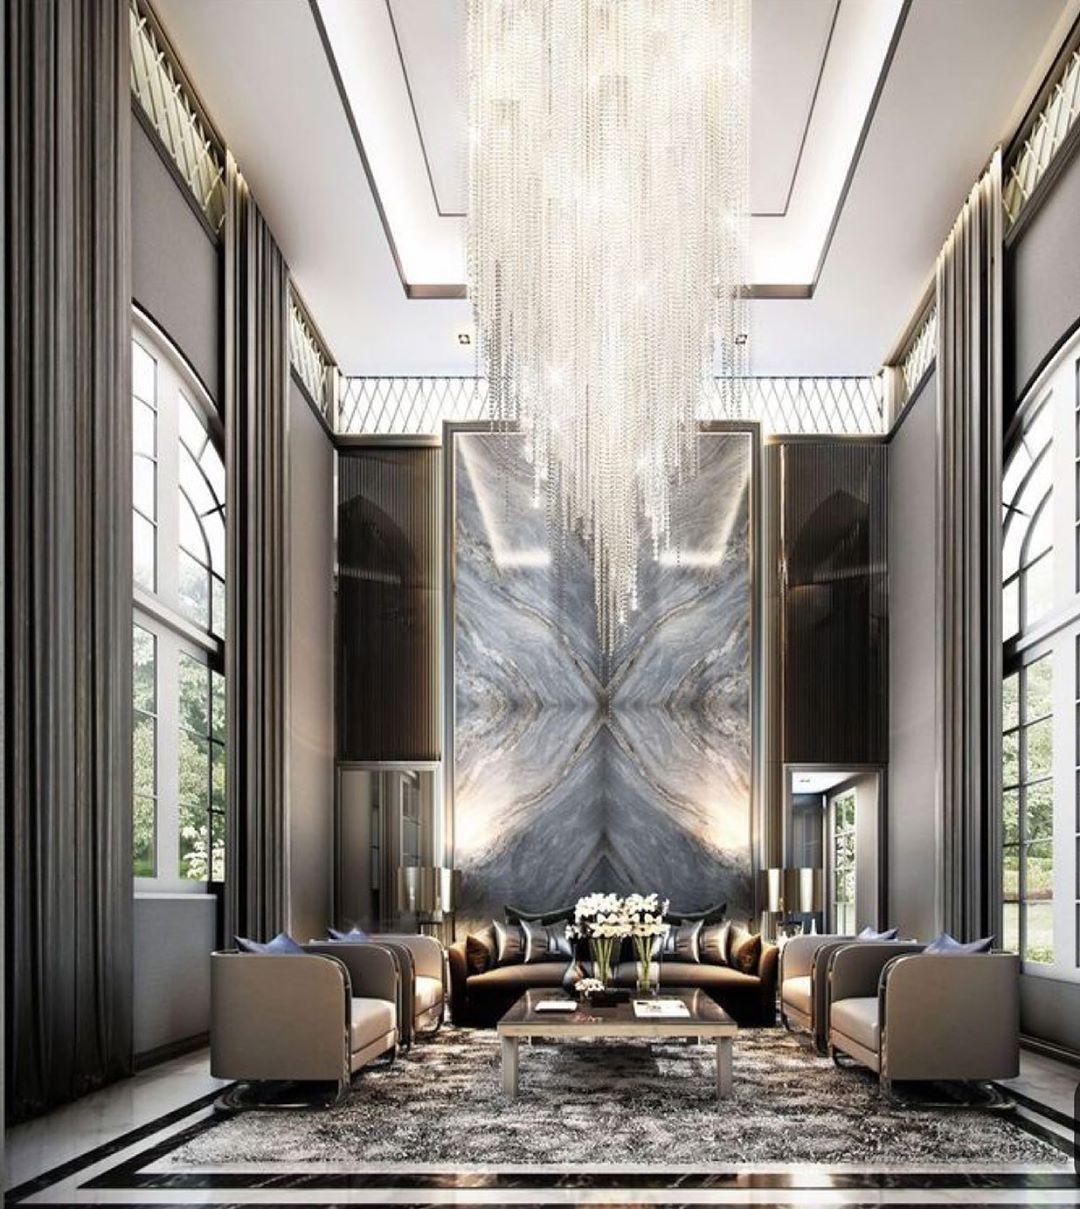 Uae Dubai Abudhabi Sharjah Alain Design Designer Interiordesign Interiordesigner Decor Decorationidea Luxury Living Room Luxury Homes Interior Luxury Interior